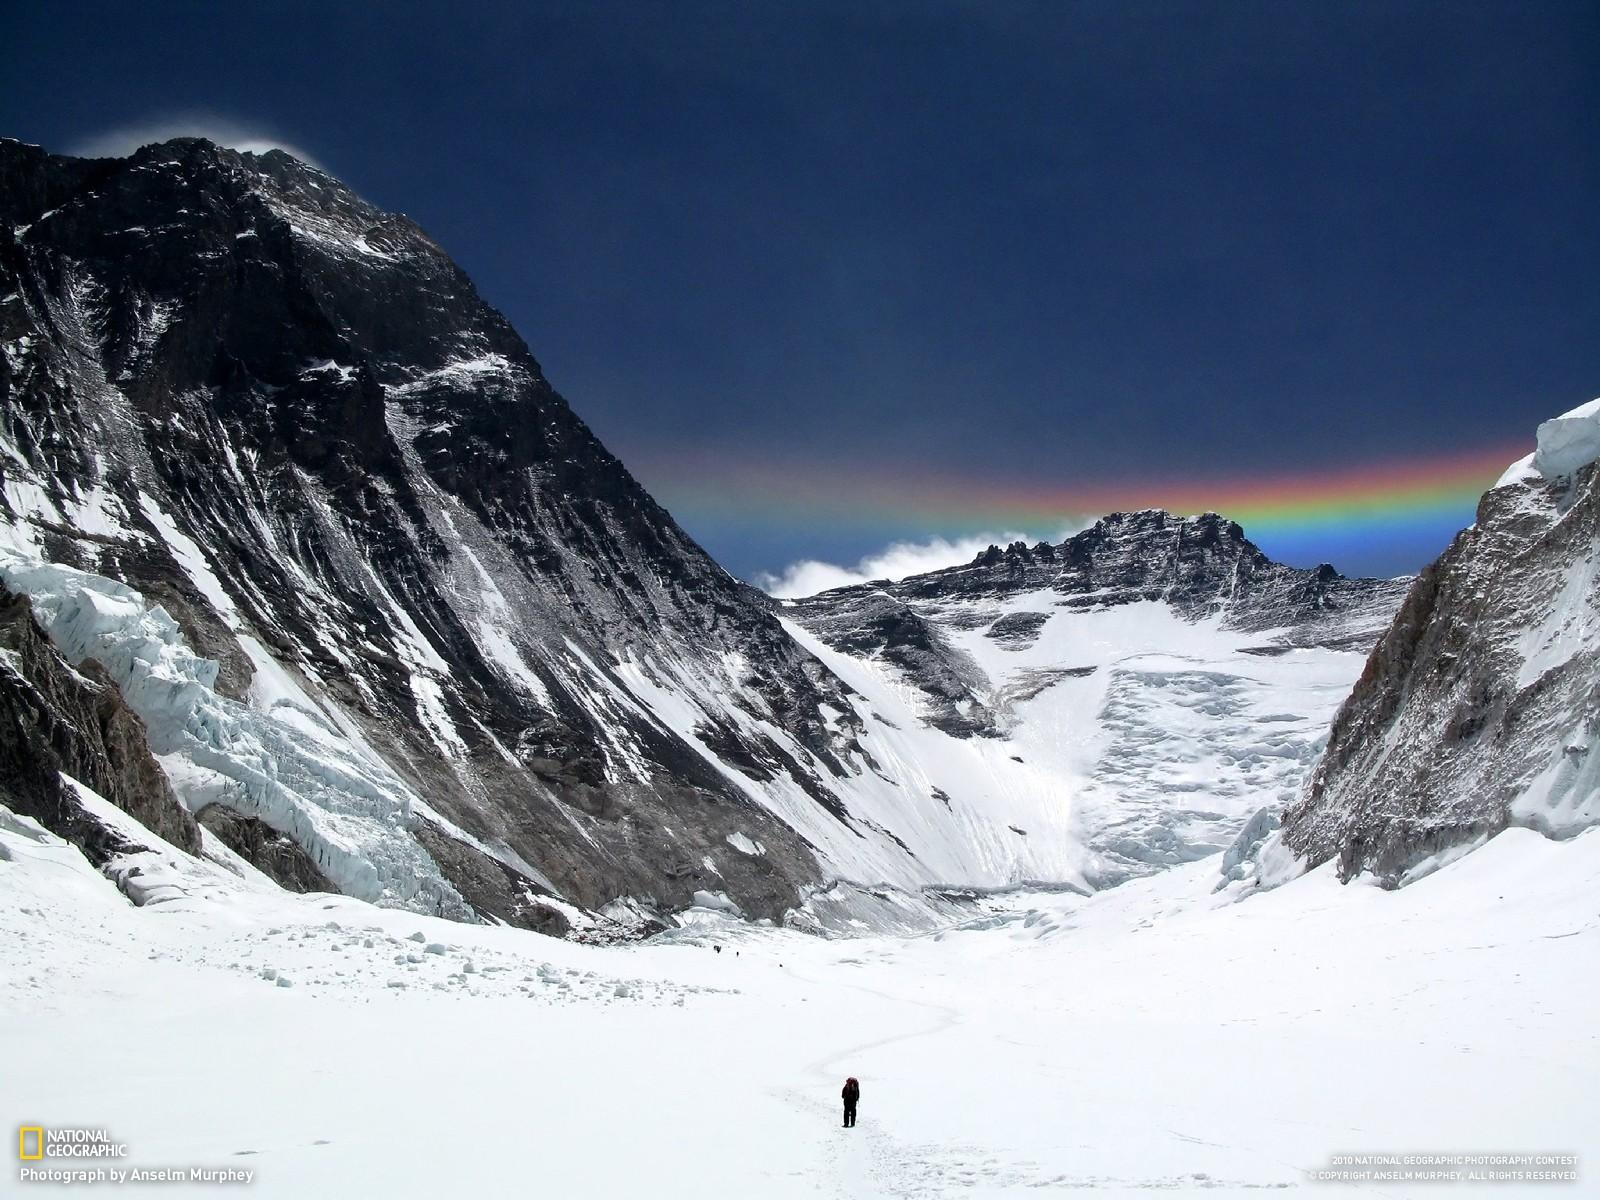 Fondo Escritorio Paisaje Nevada En Cumbre: Fondos De Pantalla : Paisaje, Montañas, Naturaleza, Nieve